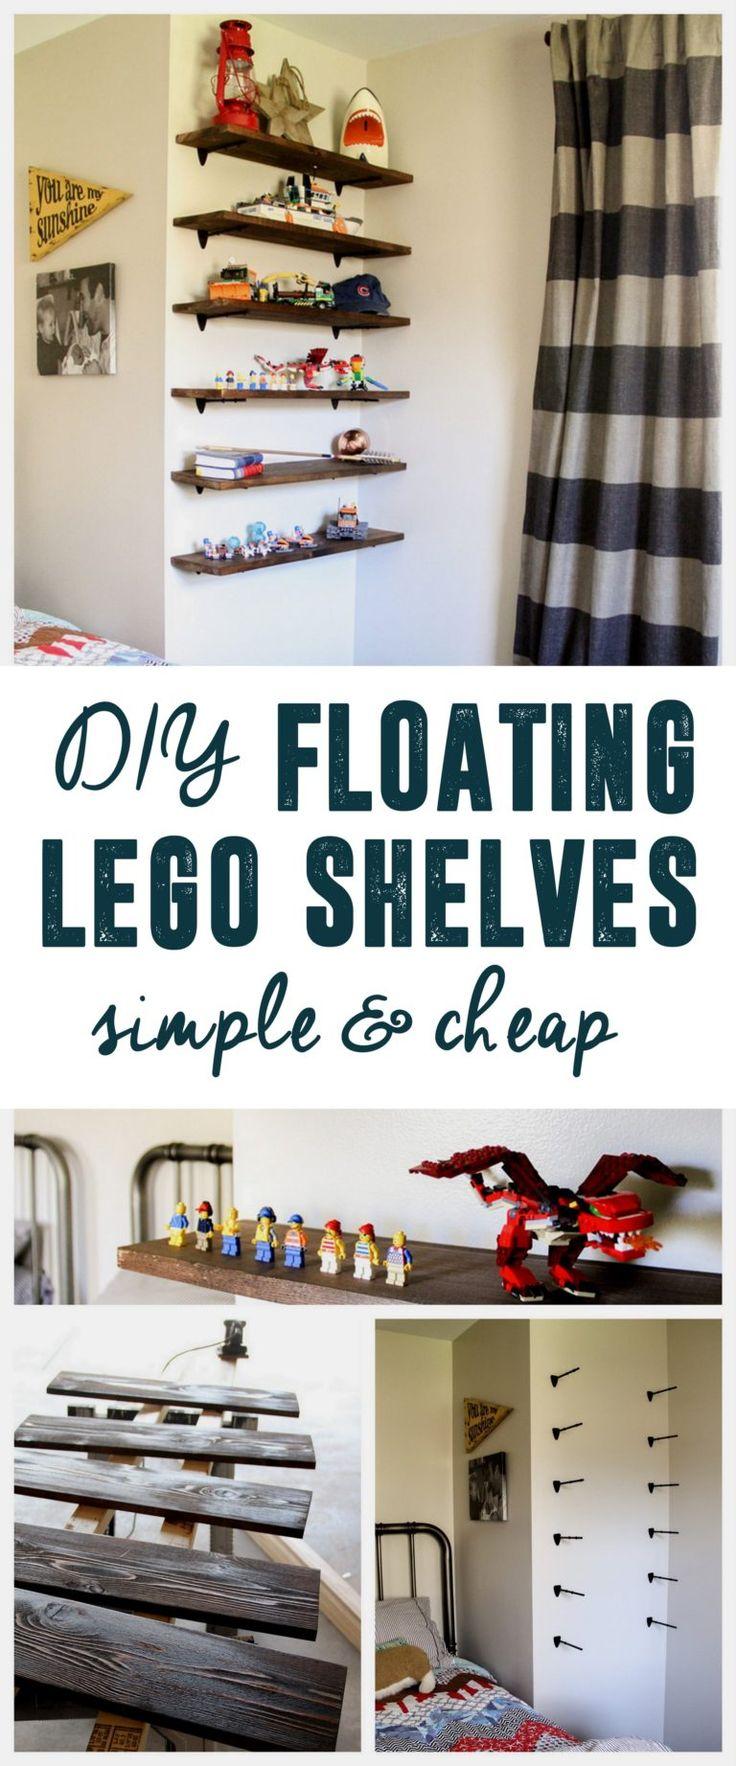 DIY Floating Lego Shelves